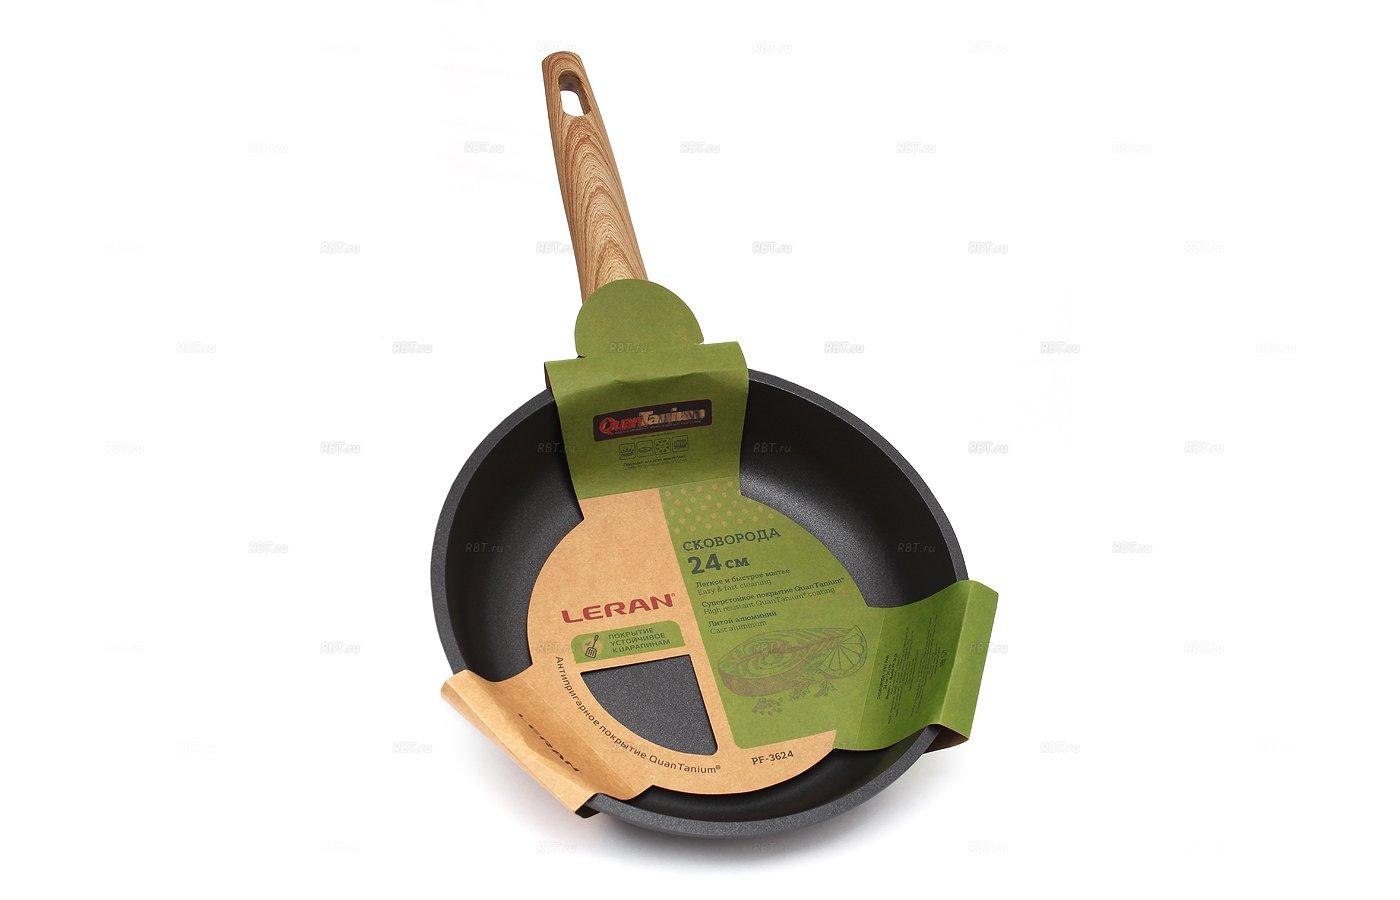 Сковорода LERAN PF-3624 литая индукционная